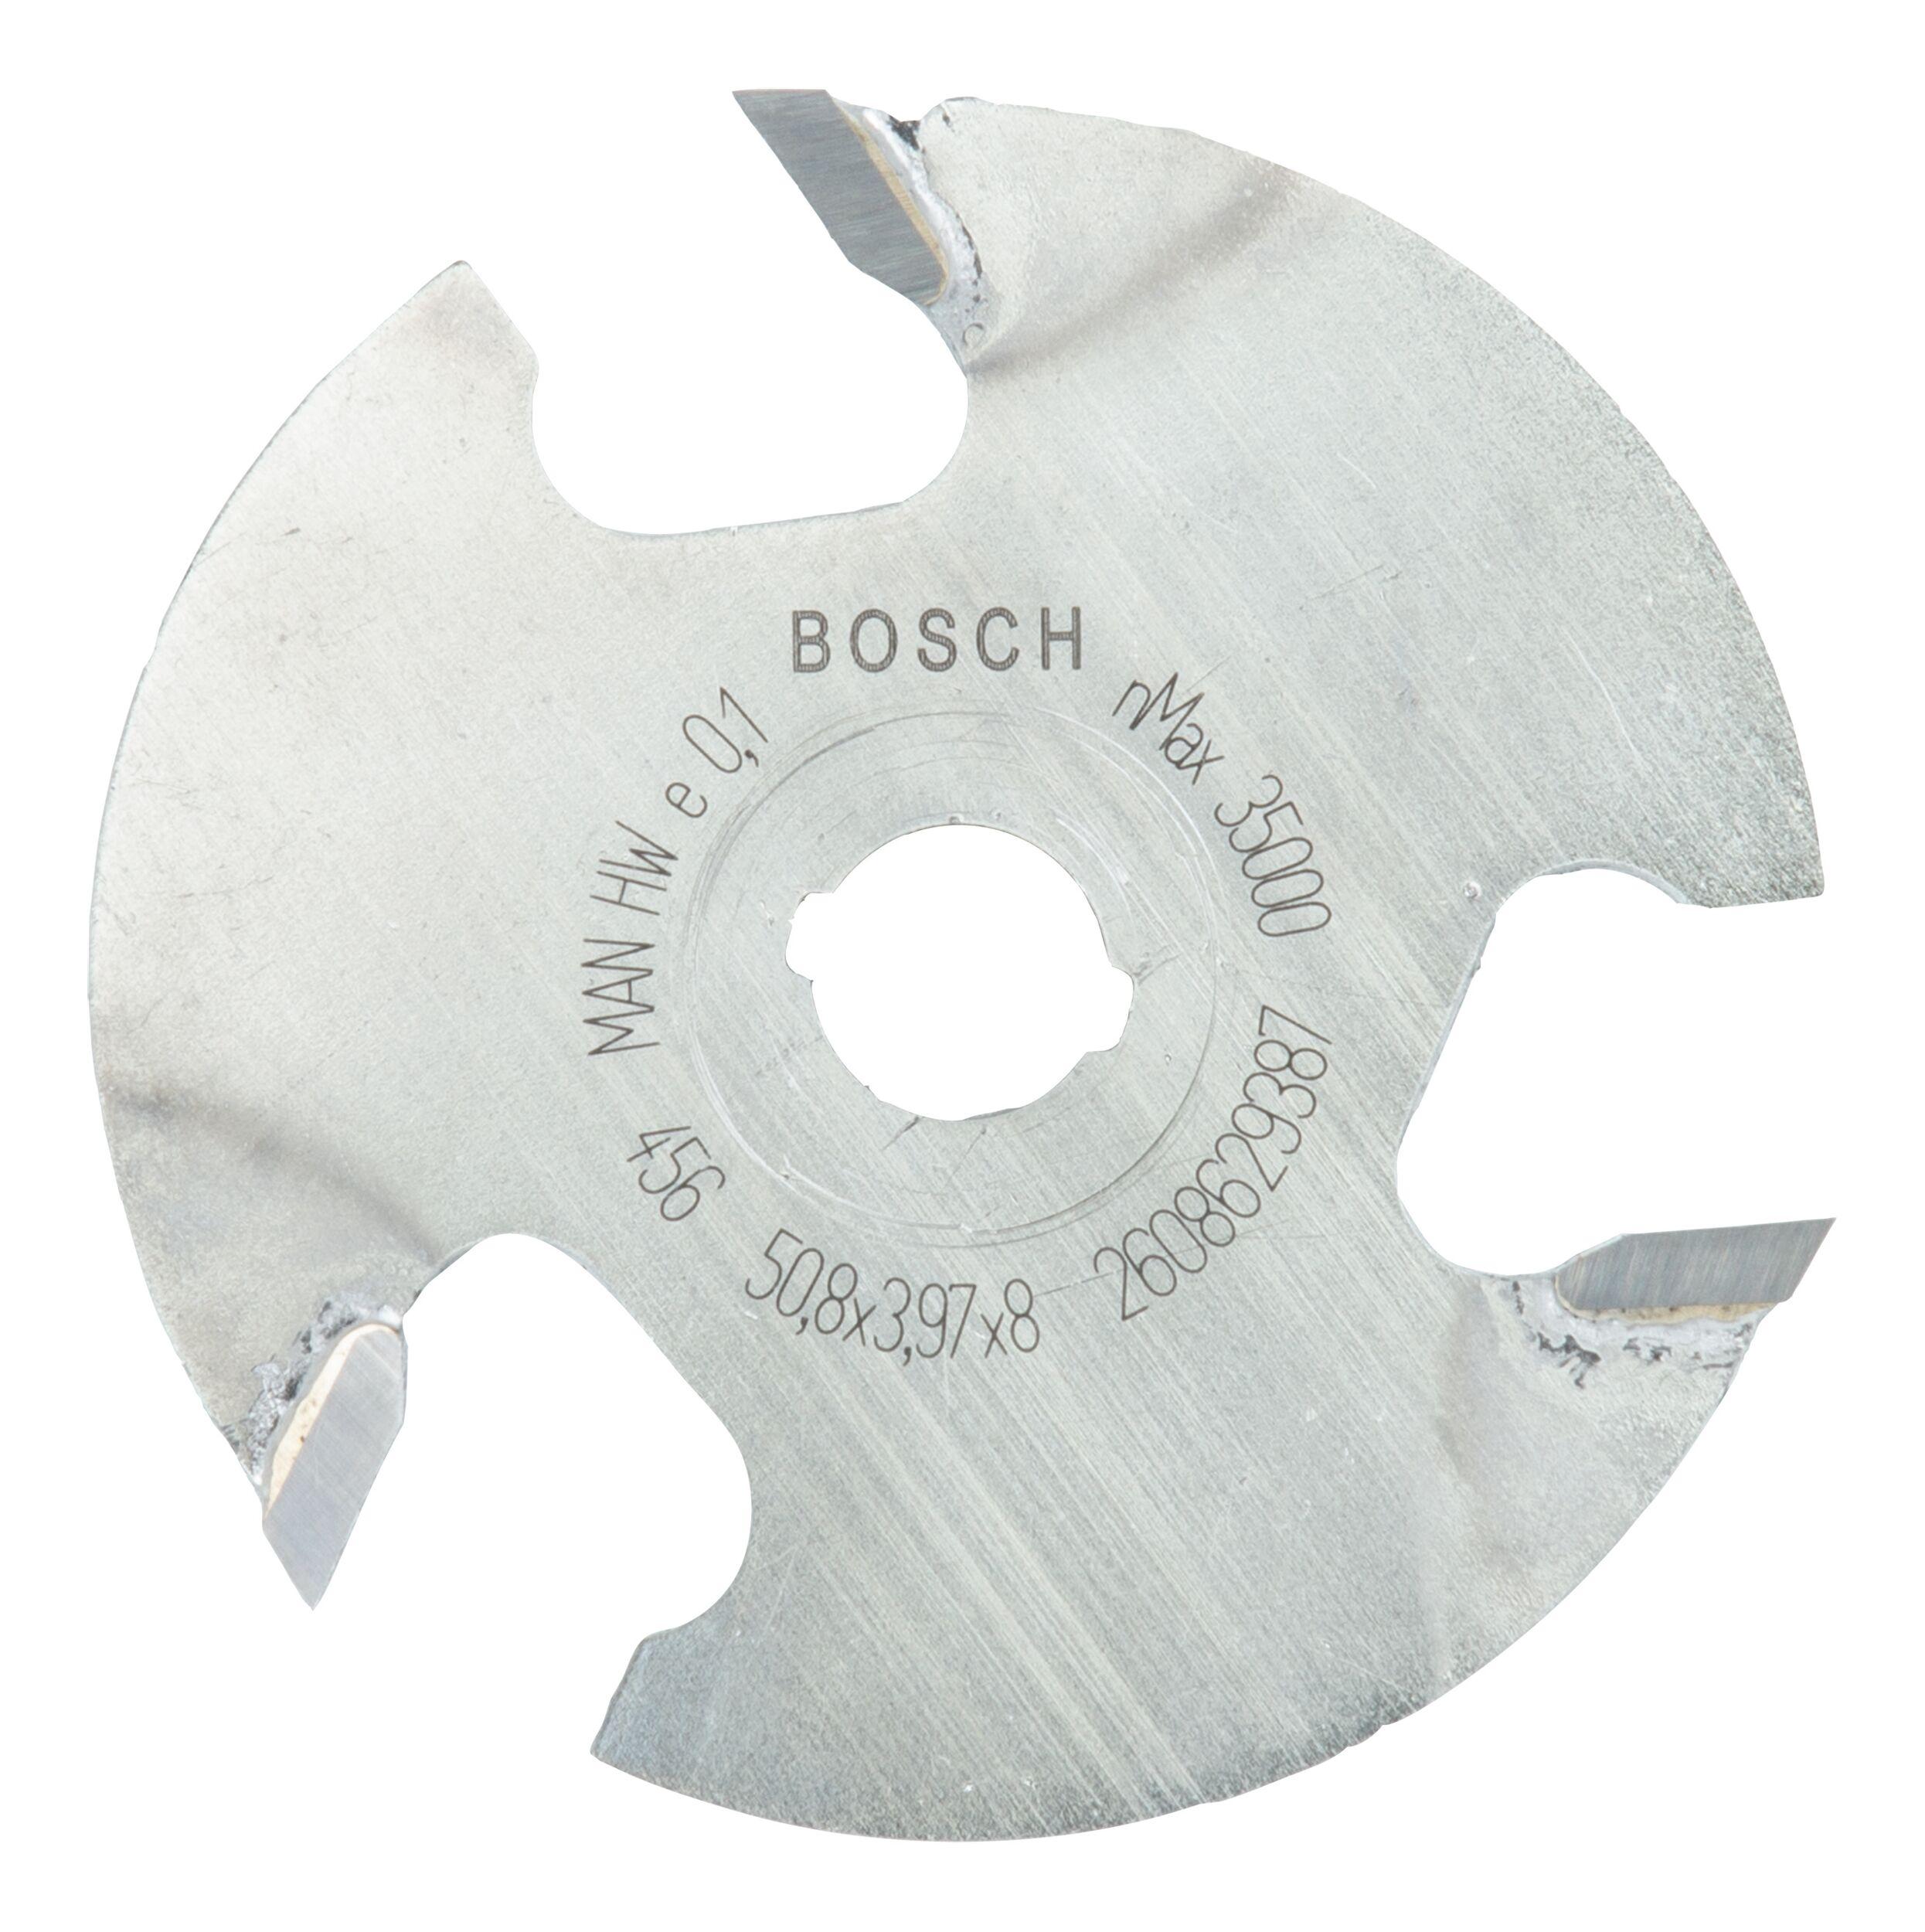 Bosch Zubehör Scheibennutfräser dreischneidig - 50,8 x 4 x 8 x 8 mm - 2608629387